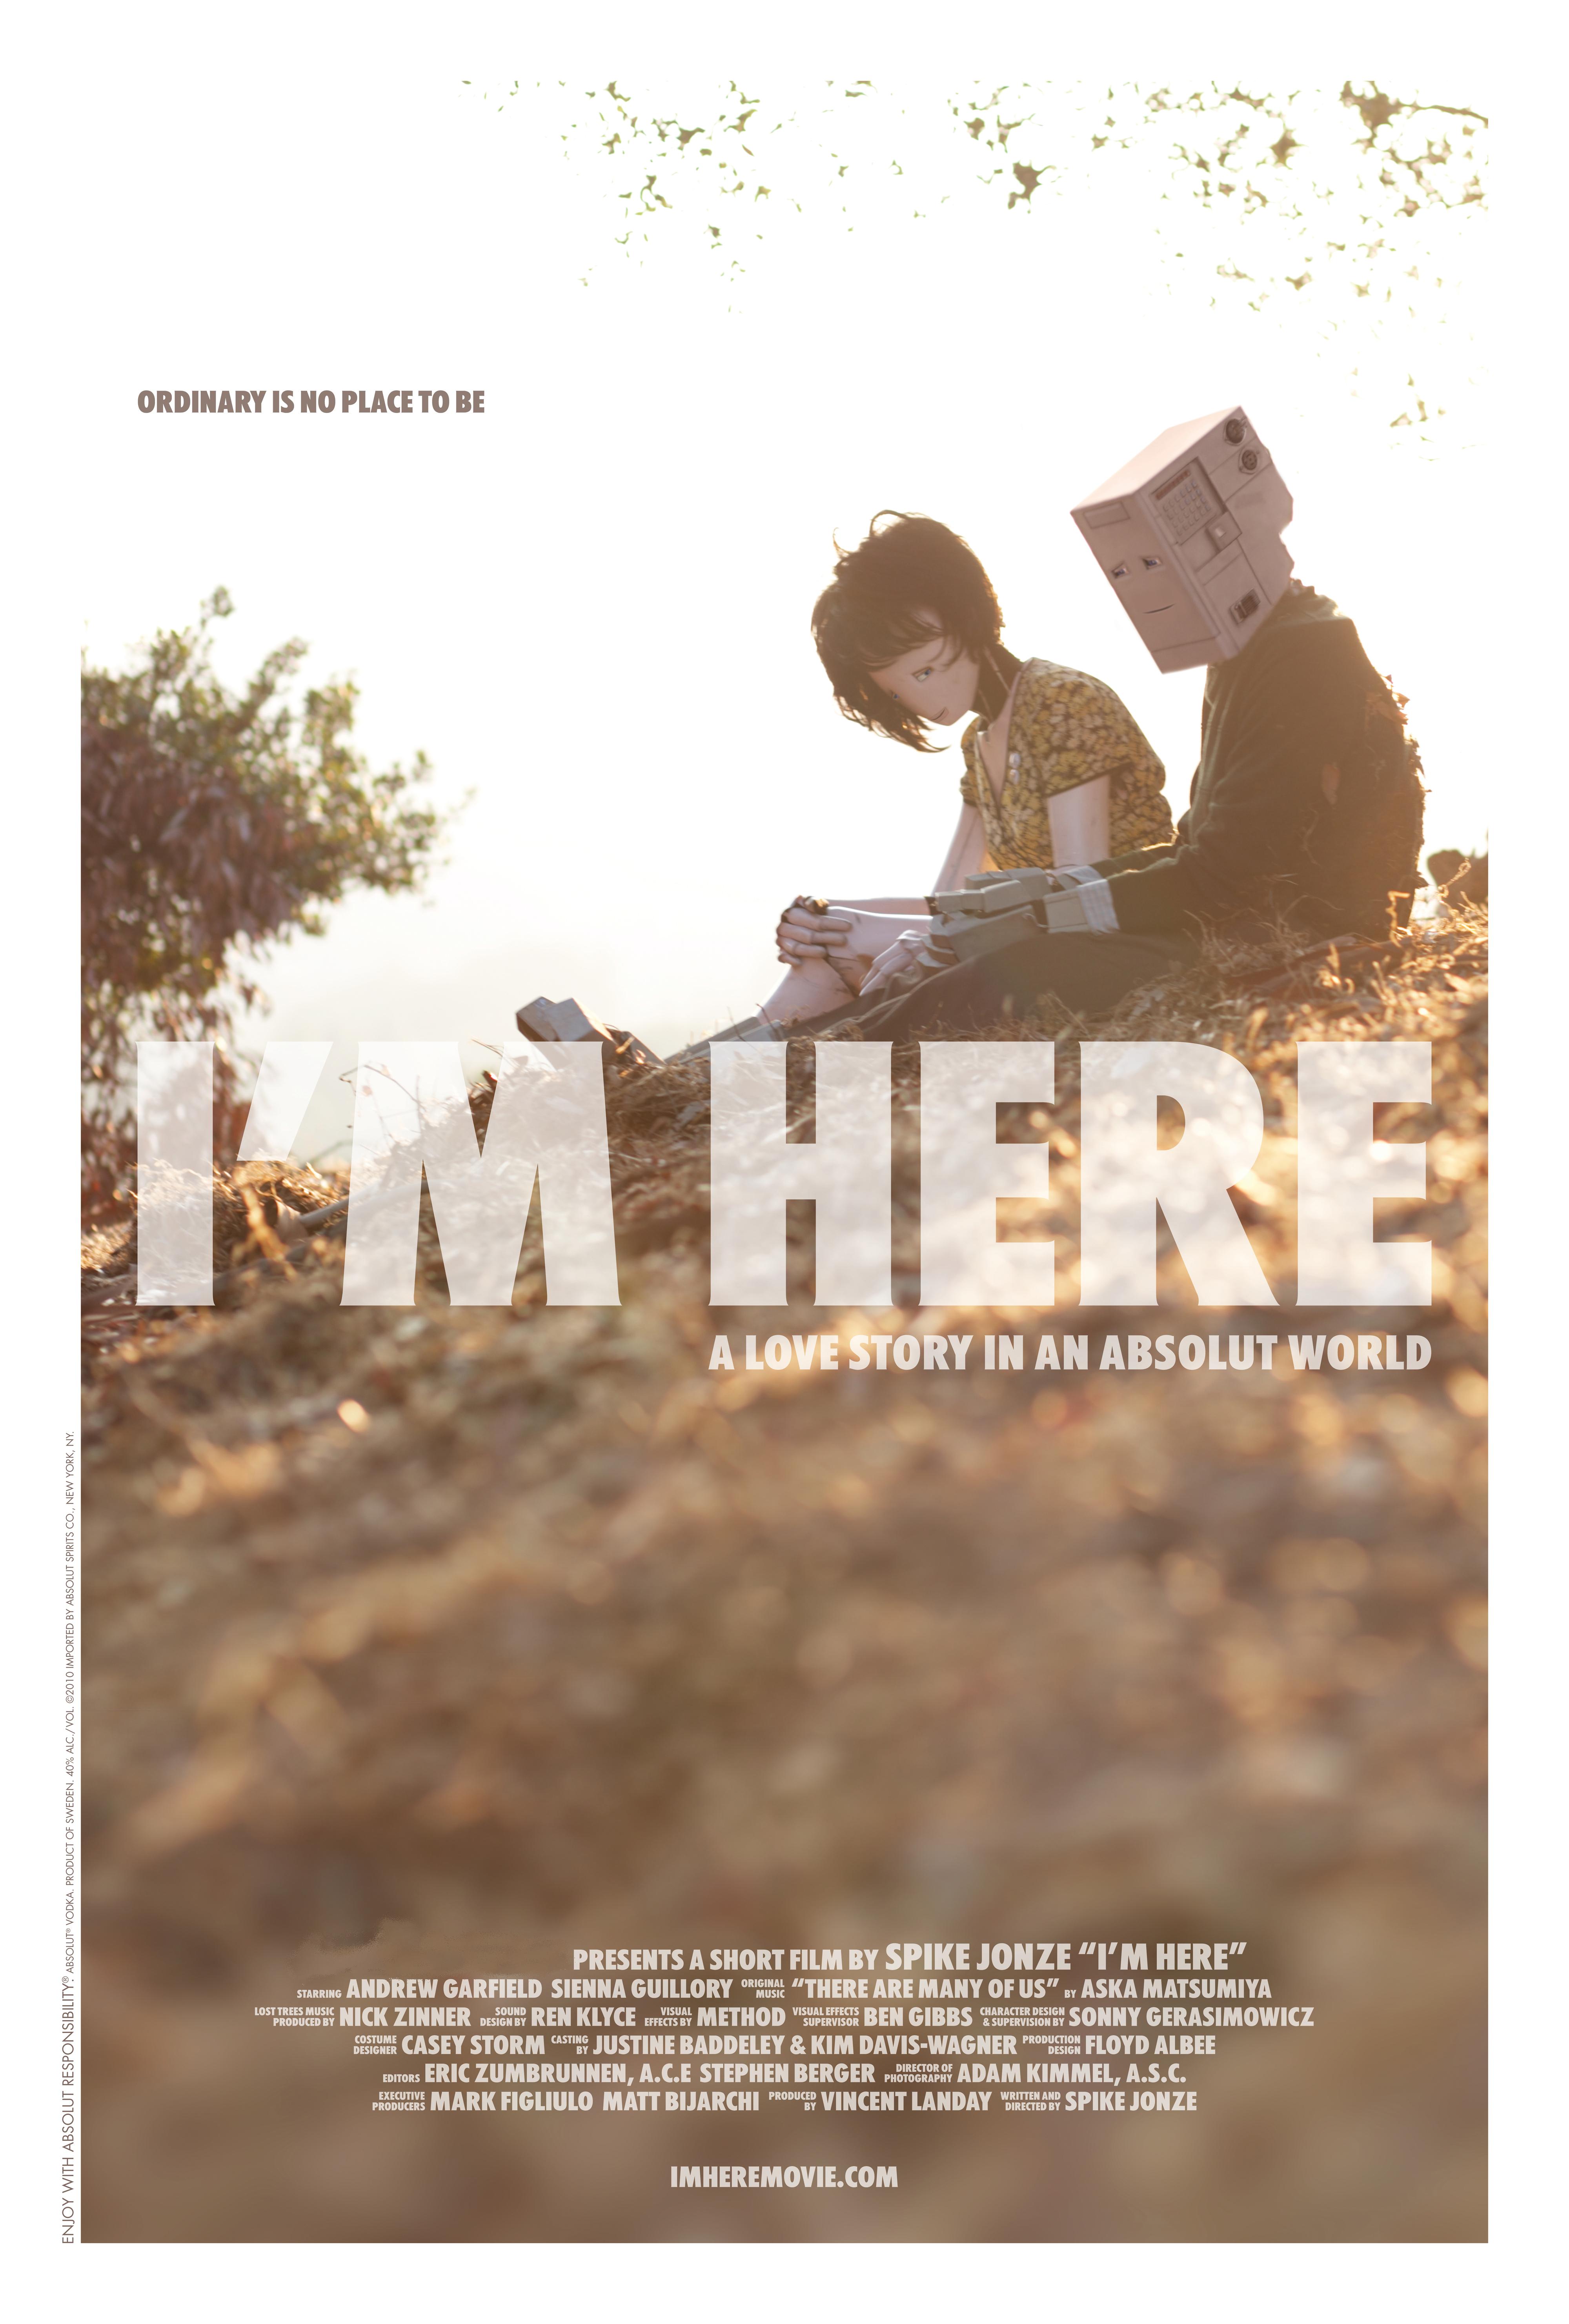 Скачать фильм Я здесь / I'm Here (2010) DVDRip бесплатно и в хорошем